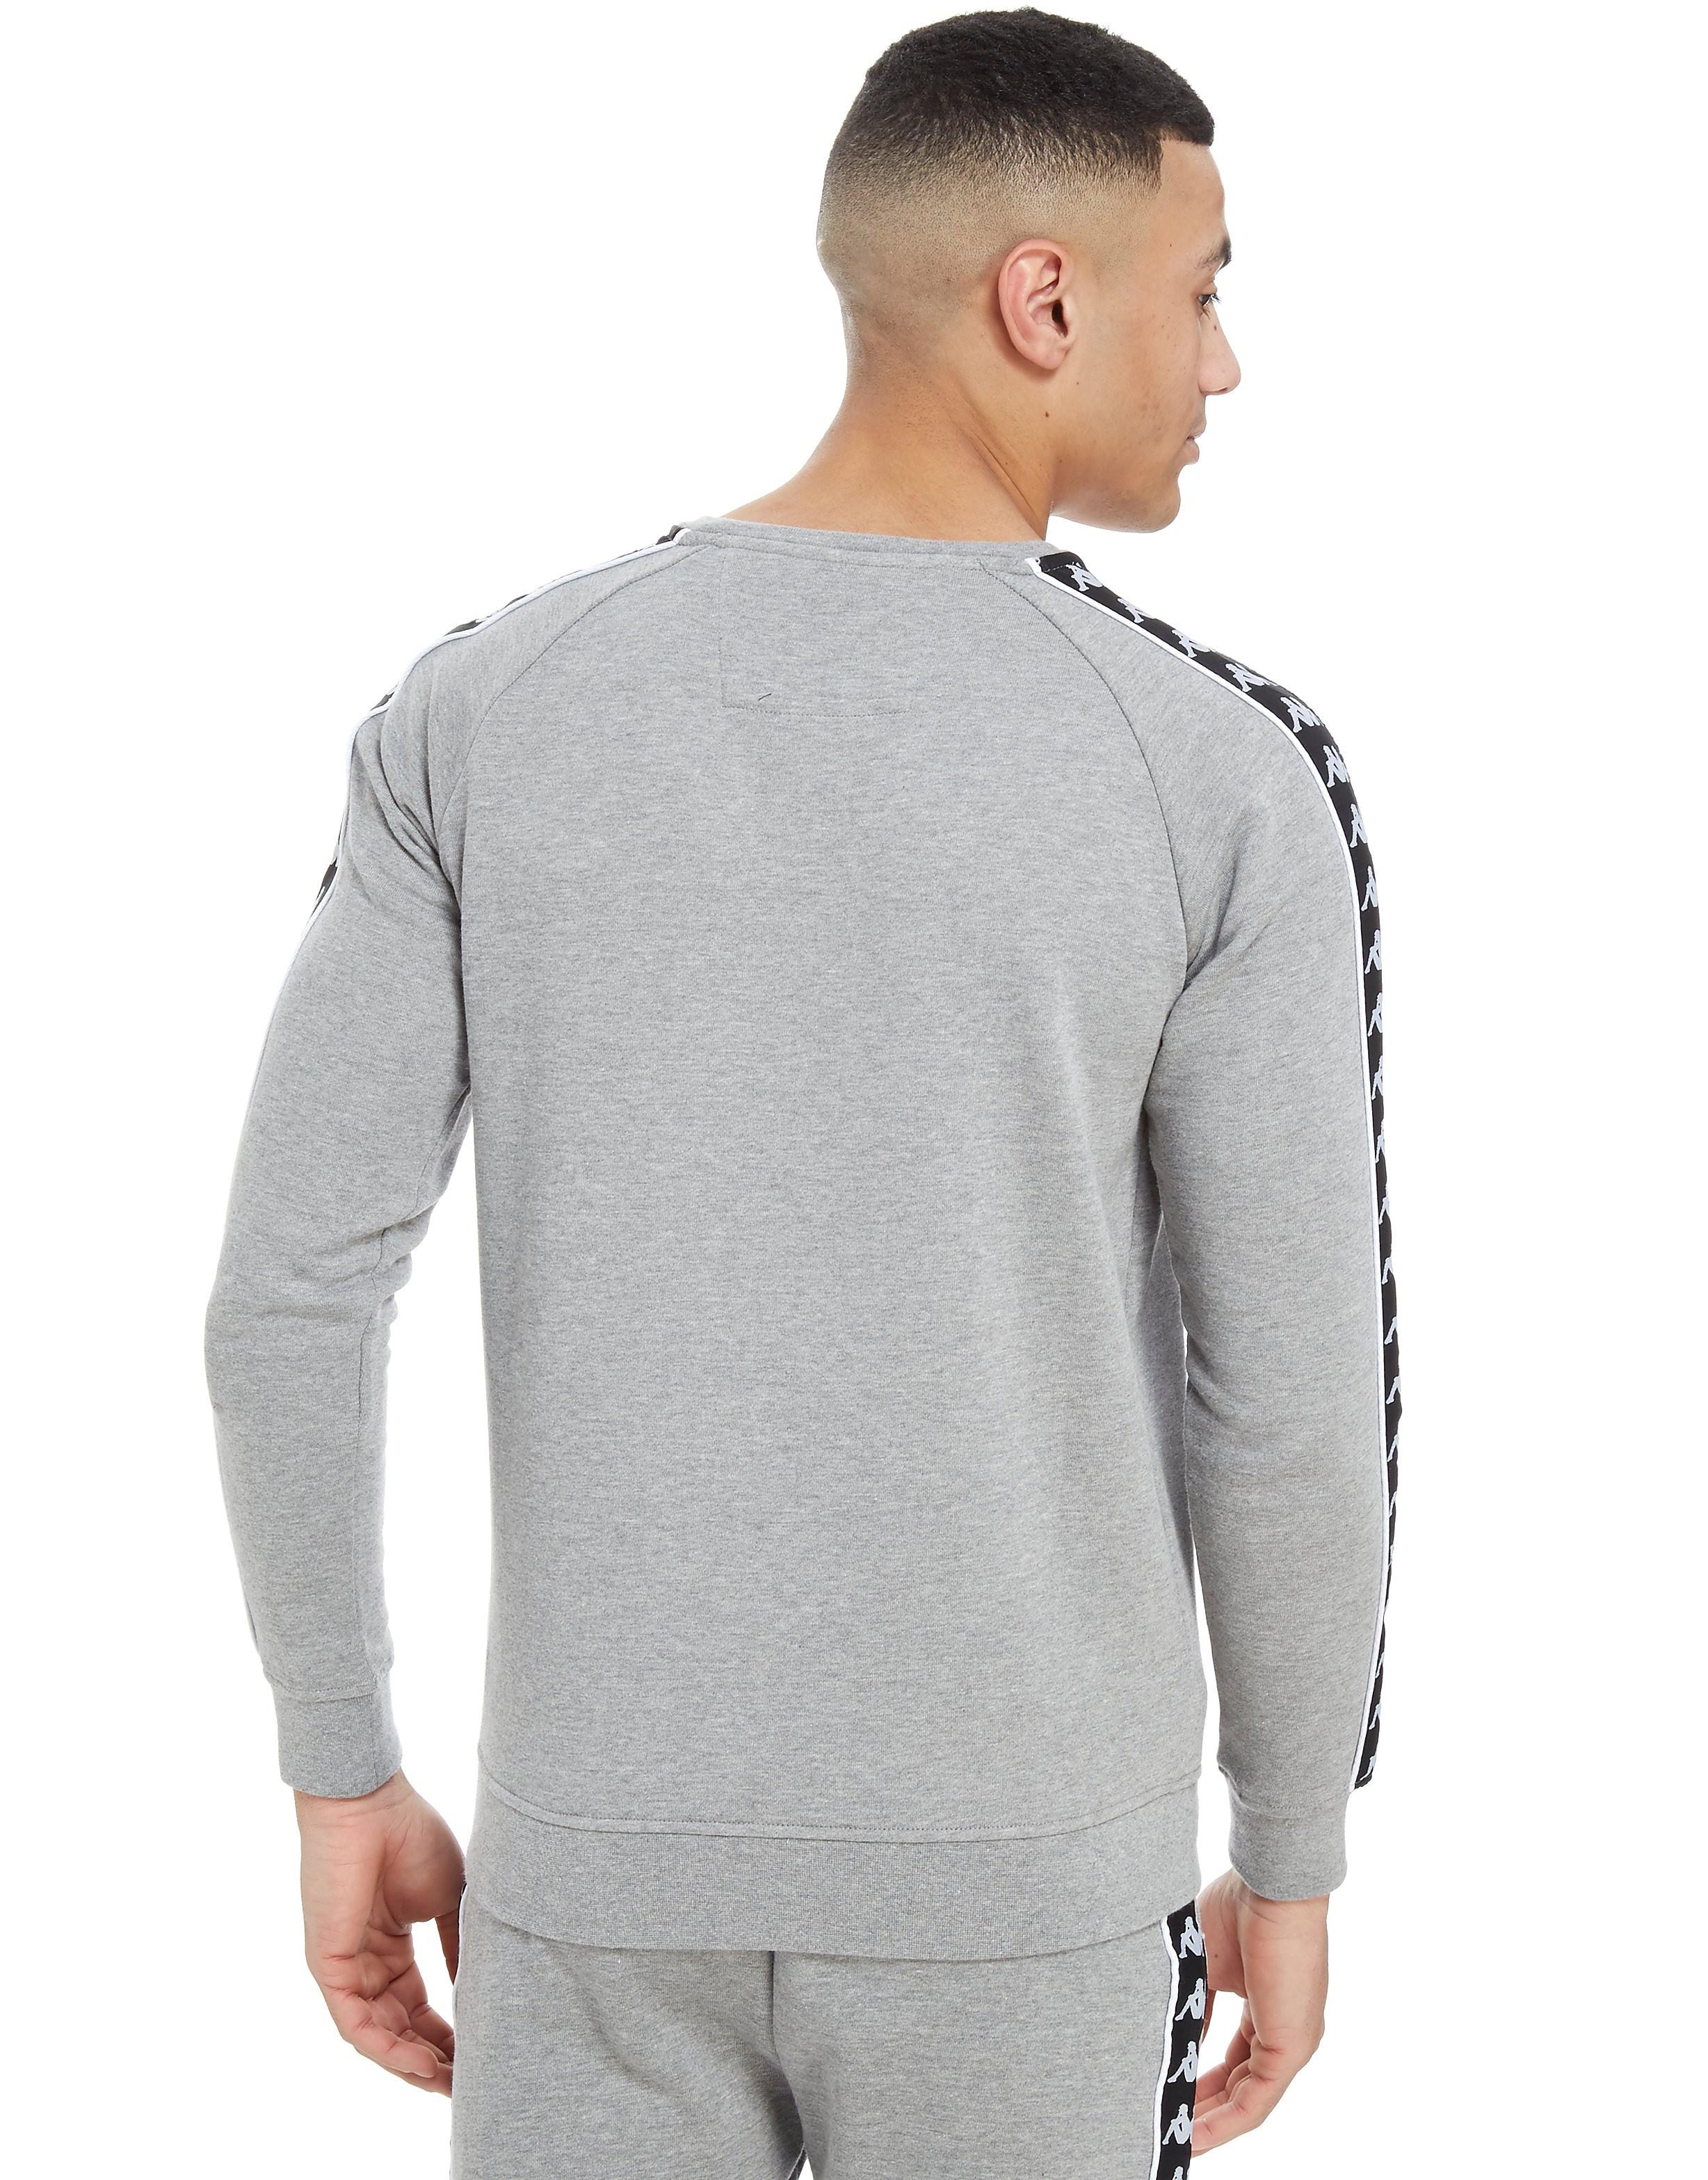 Kappa Hassan Crew Sweatshirt Heren